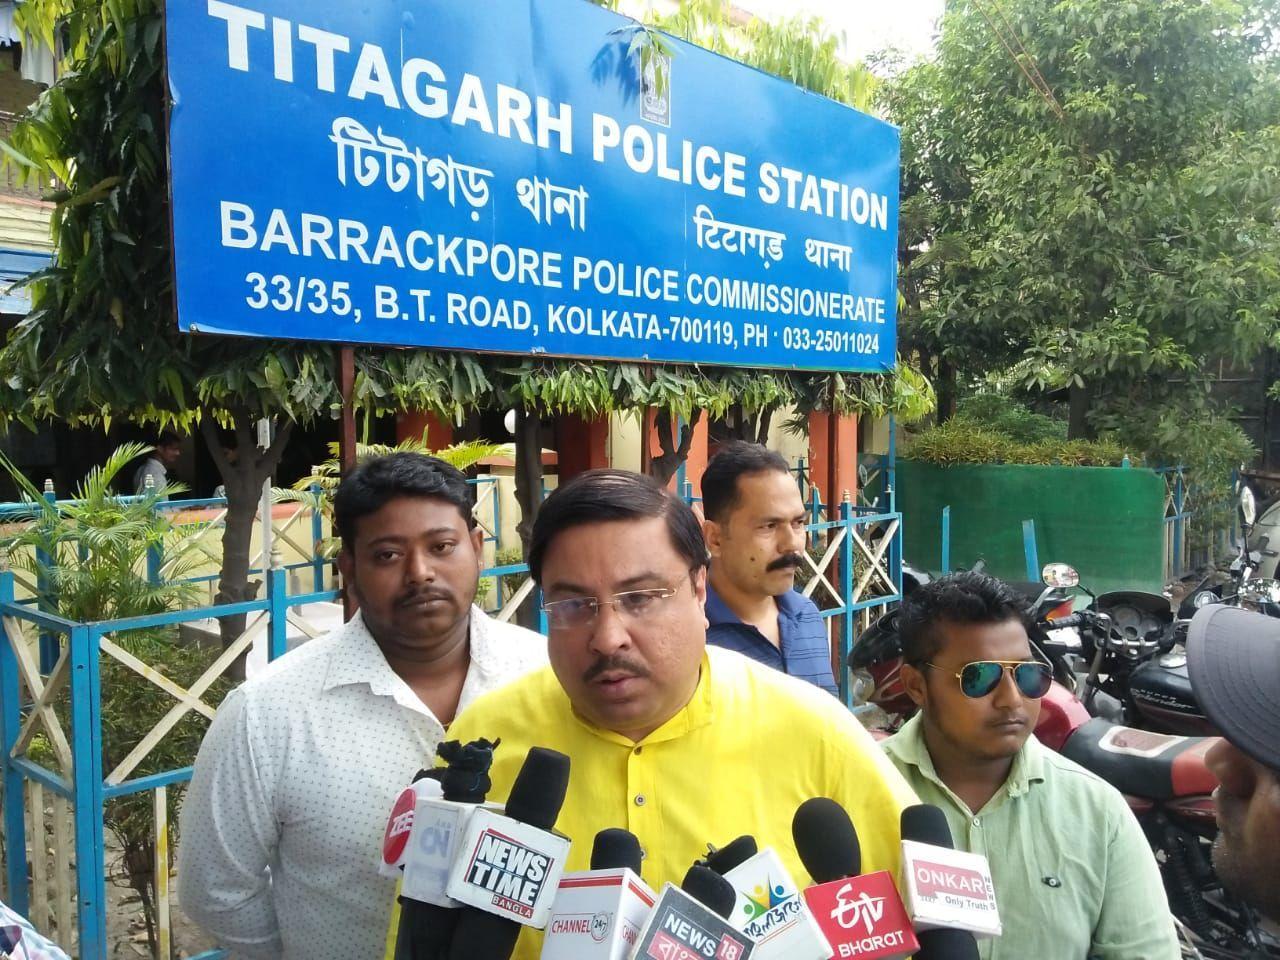 TMC विधायक अर्जुन सिंह BJP में हुए शामिल उधर तृणमूल कांग्रेस के नेता ने थाने में दर्ज कराई शिकायत